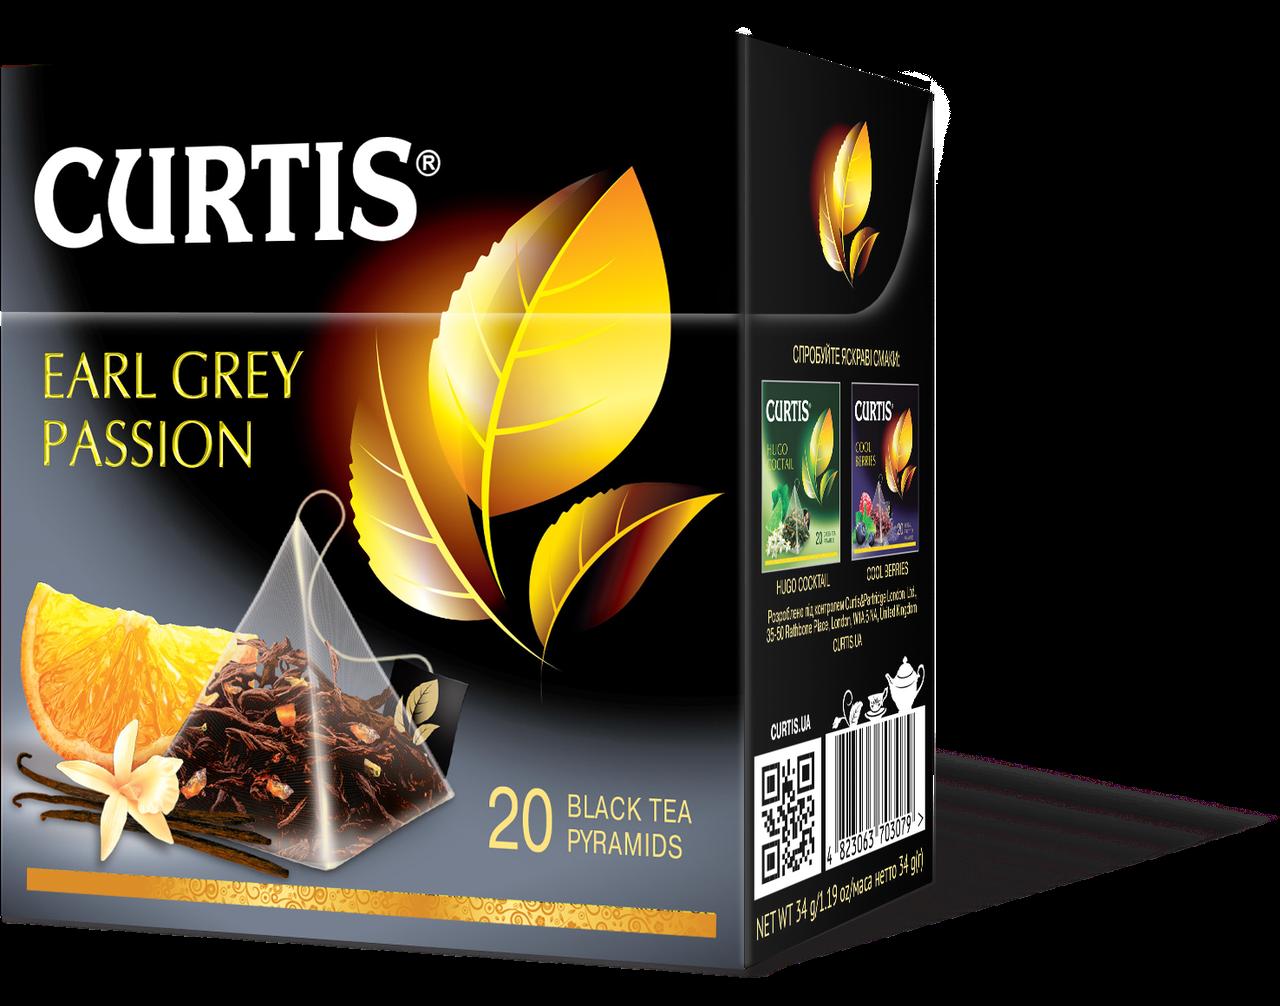 Чай черный в пирамидках с бергамотом нотками ванили и цитруса Curtis Earl Grey Passion (Кертис), 20 пирамидок